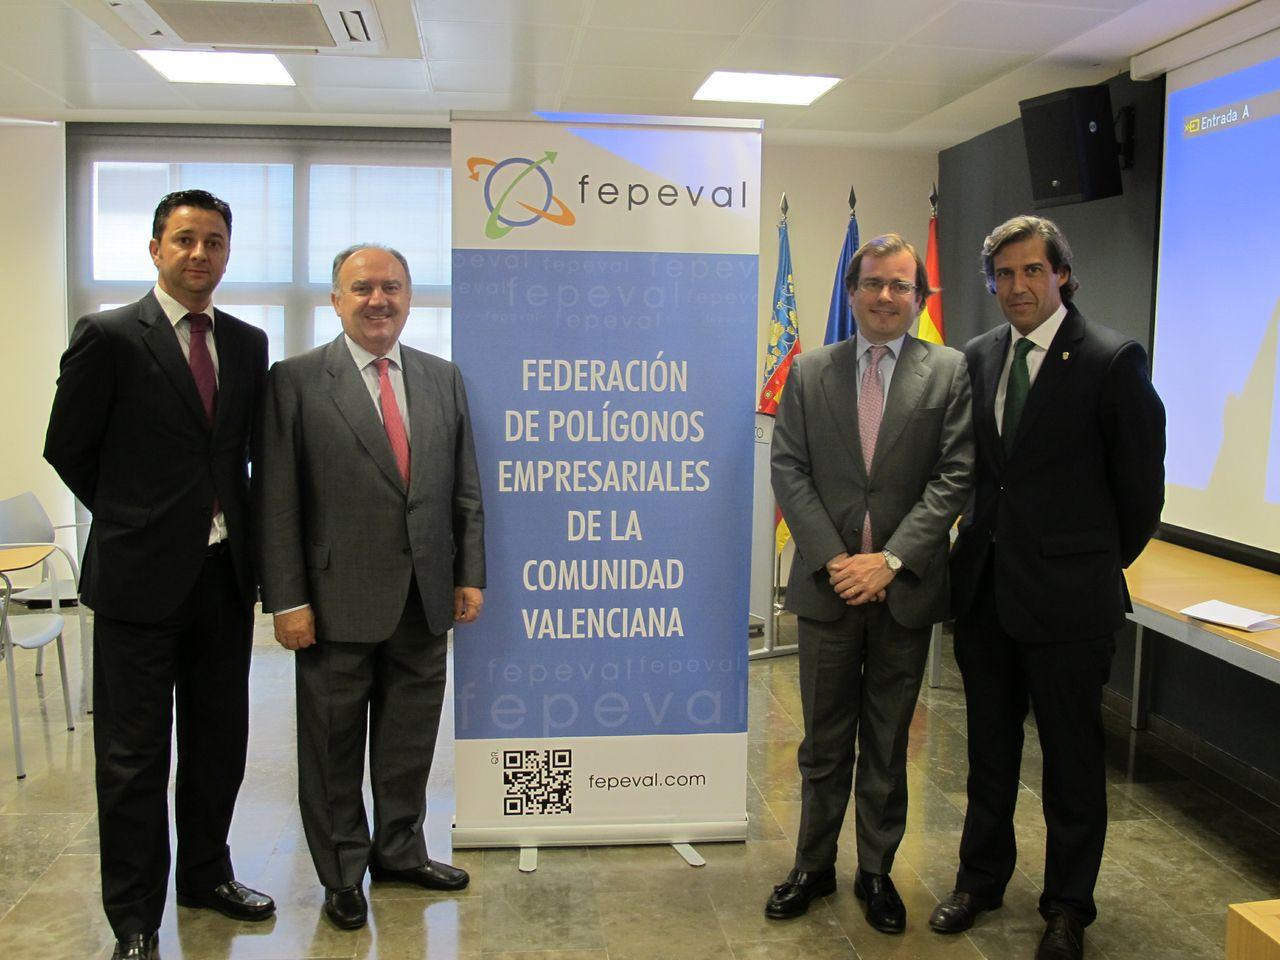 FEPEVAL crea una central de compras para las empresas de los polígonos de la Comunitat Valenciana